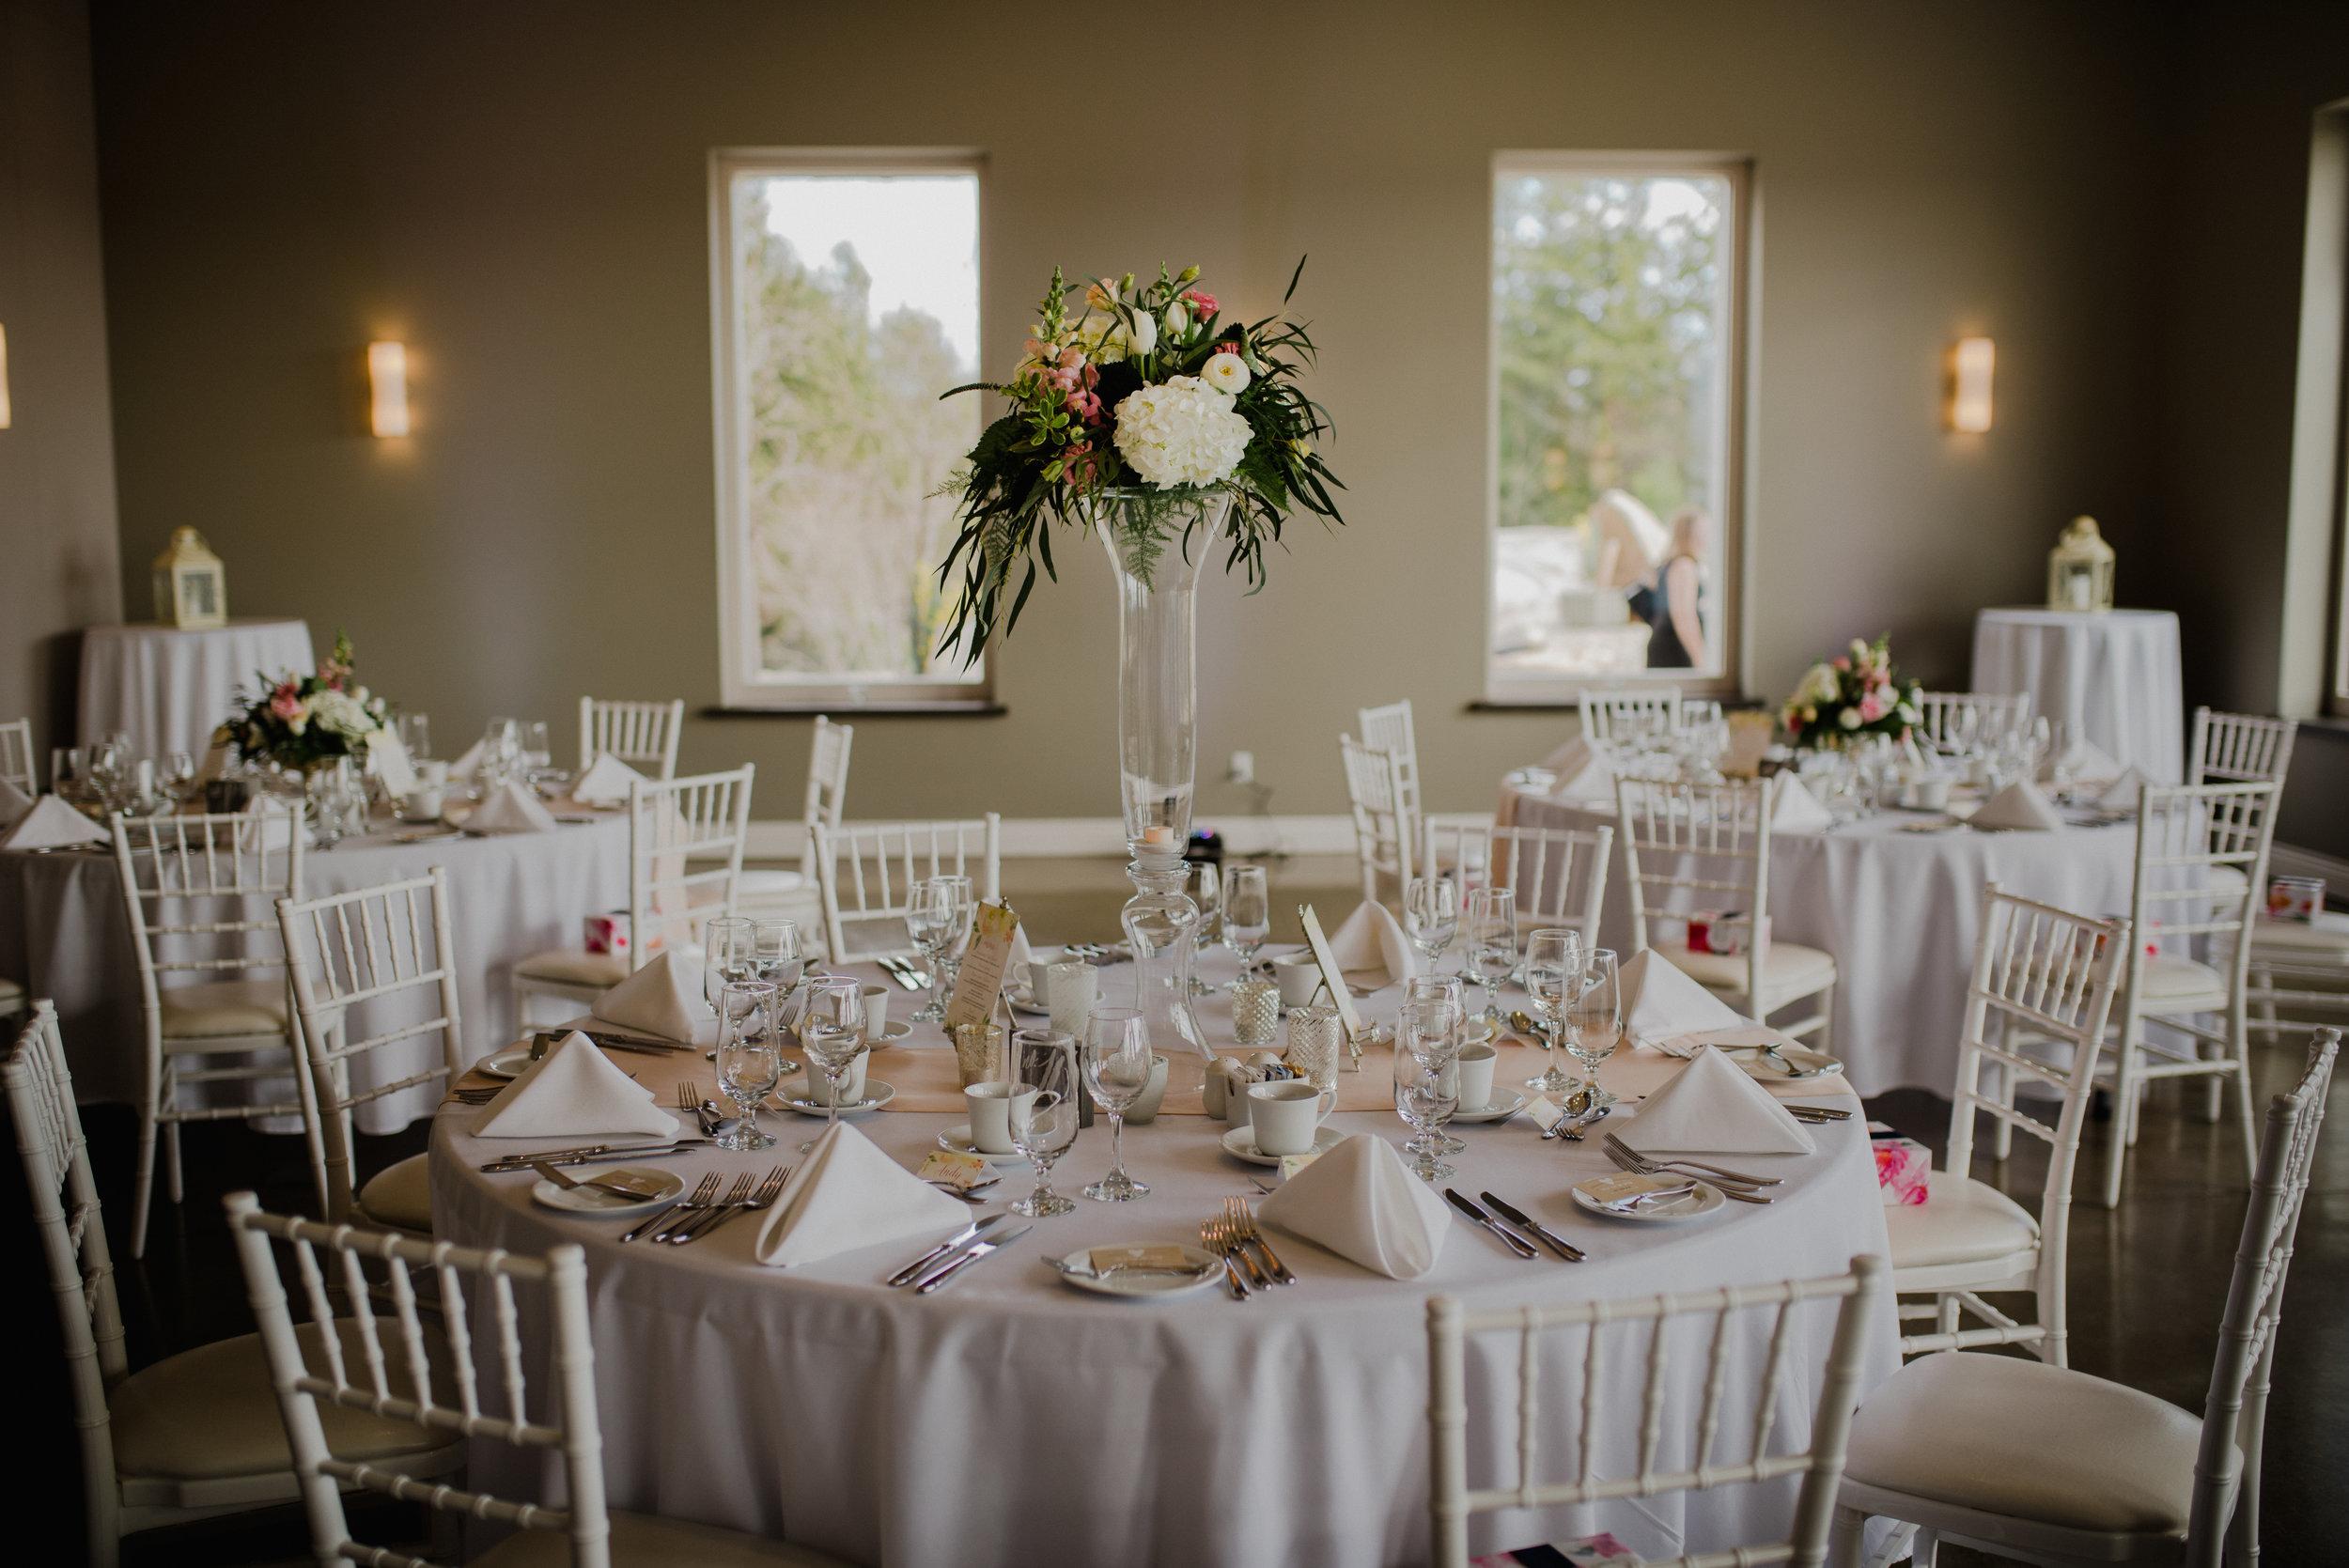 e Belvedere, Wakefield Wedding - Reception Details 9